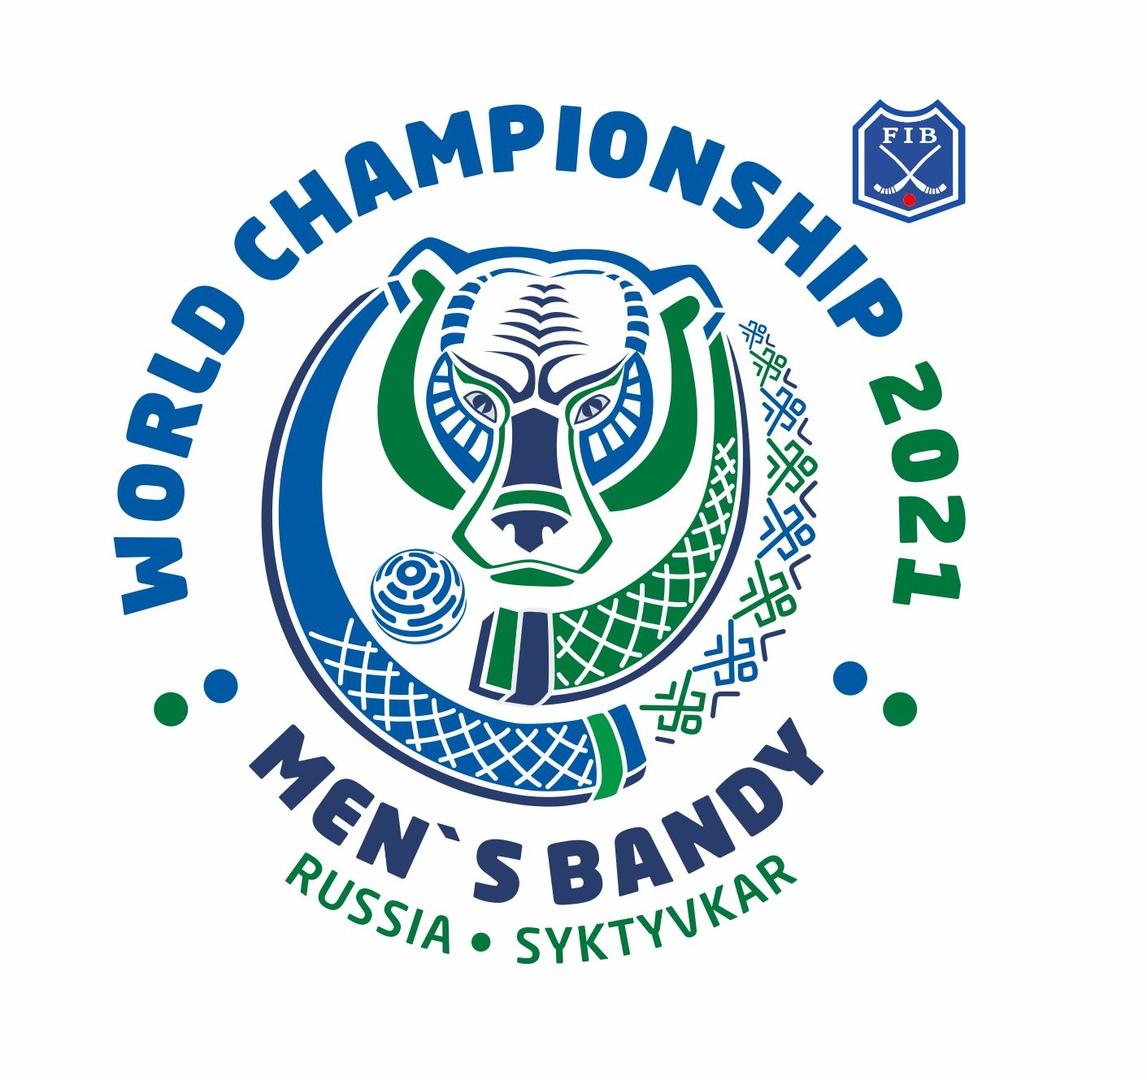 Чемпионат мира по хоккею с мячом 2021 года в Сыктывкаре обрел эмблему, изображение №4